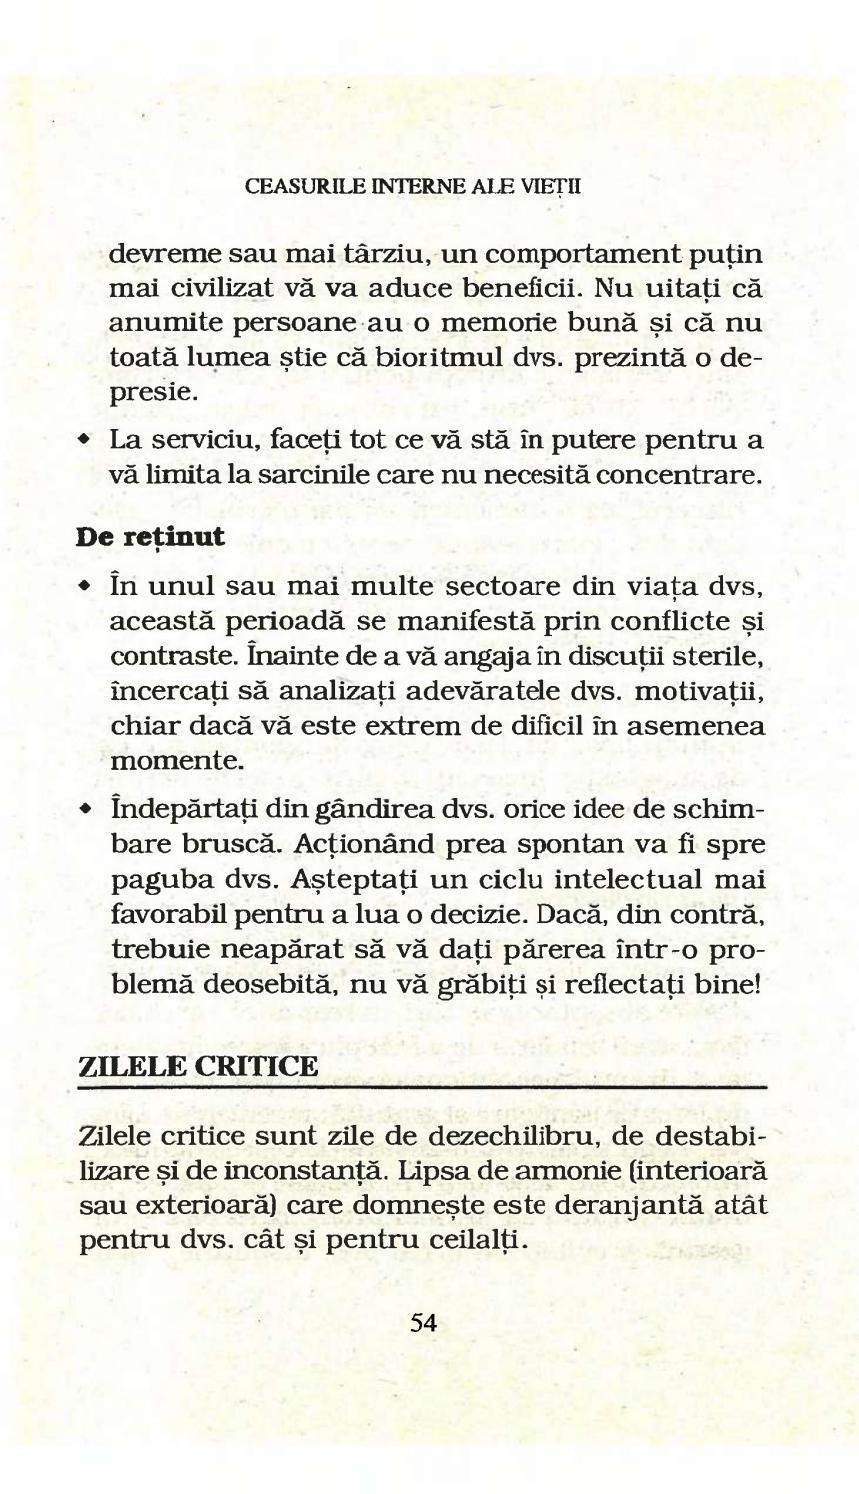 ce doctor este responsabil pentru varicoză varico venele femeilor însărcinate